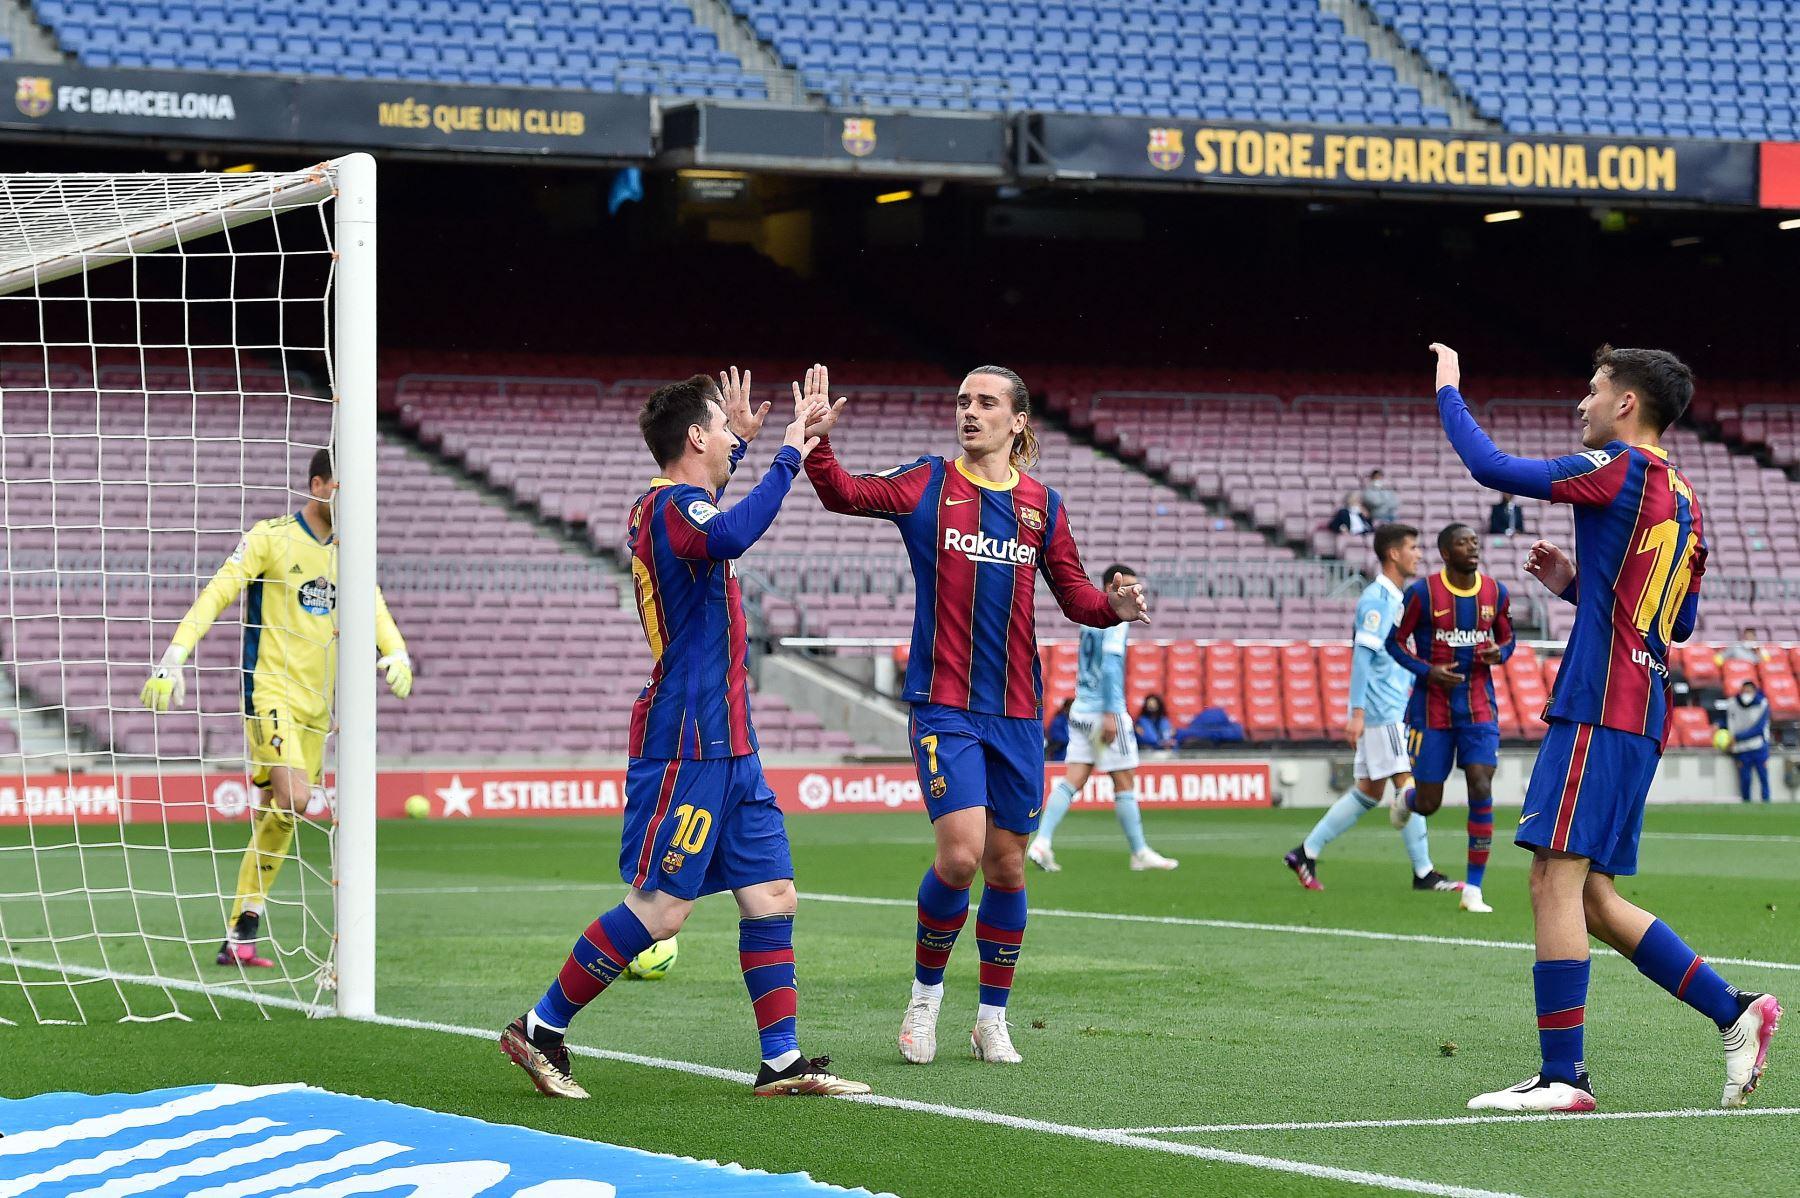 El delantero argentino del Barcelona Lionel Messi celebra su gol con sus compañeros durante el partido de fútbol de la Liga española entre el FC Barcelona y el RC Celta de Vigo. Foto: AFP